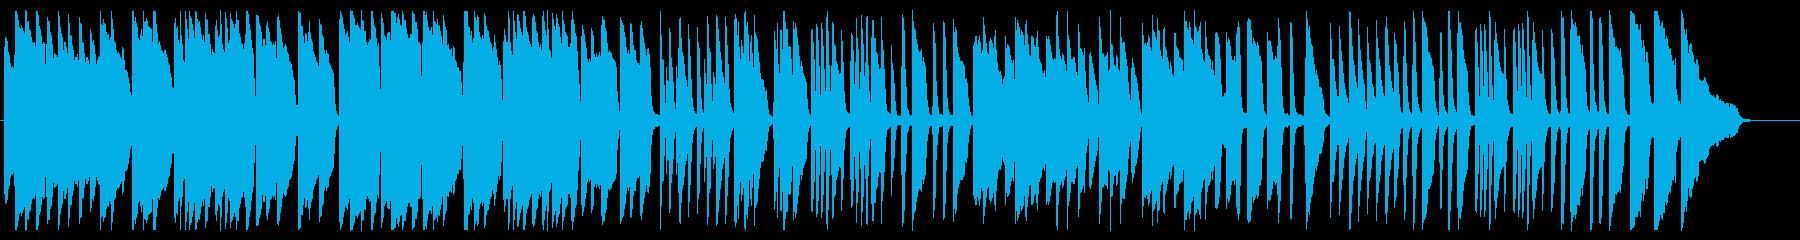 フレールジャック ピアノver.の再生済みの波形